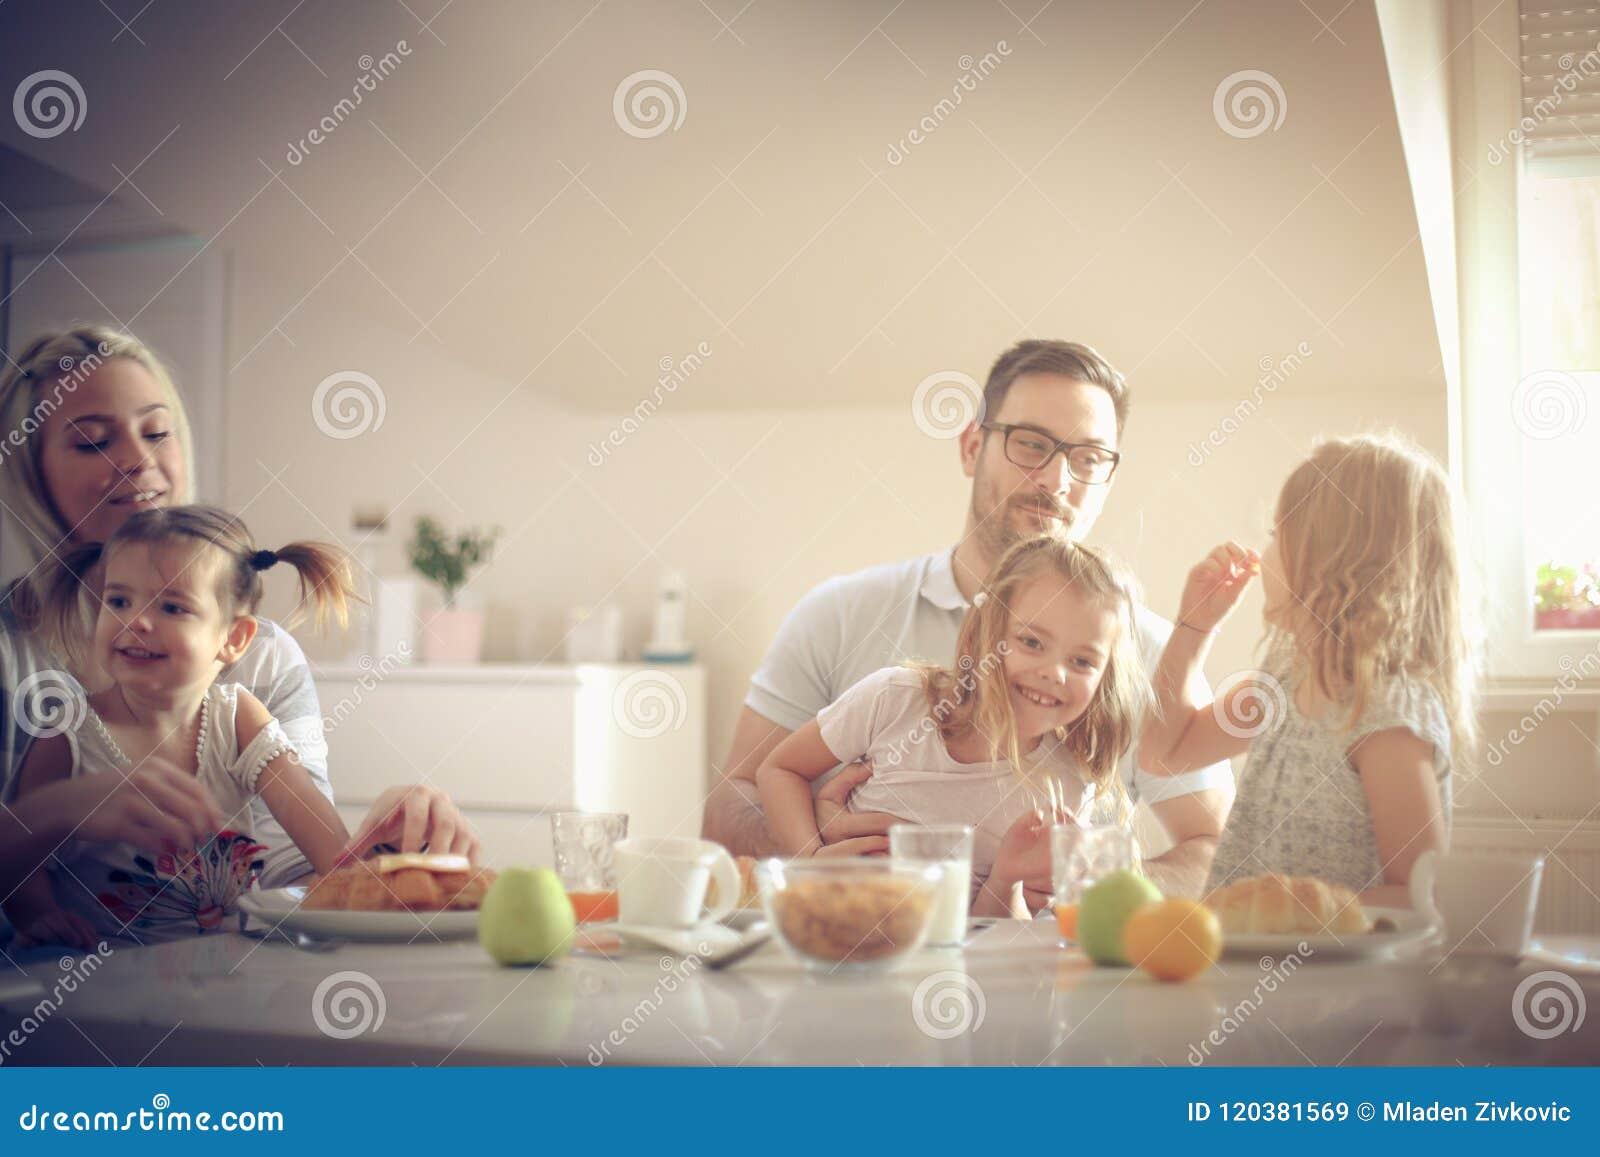 Grande famille prenant le petit déjeuner ensemble